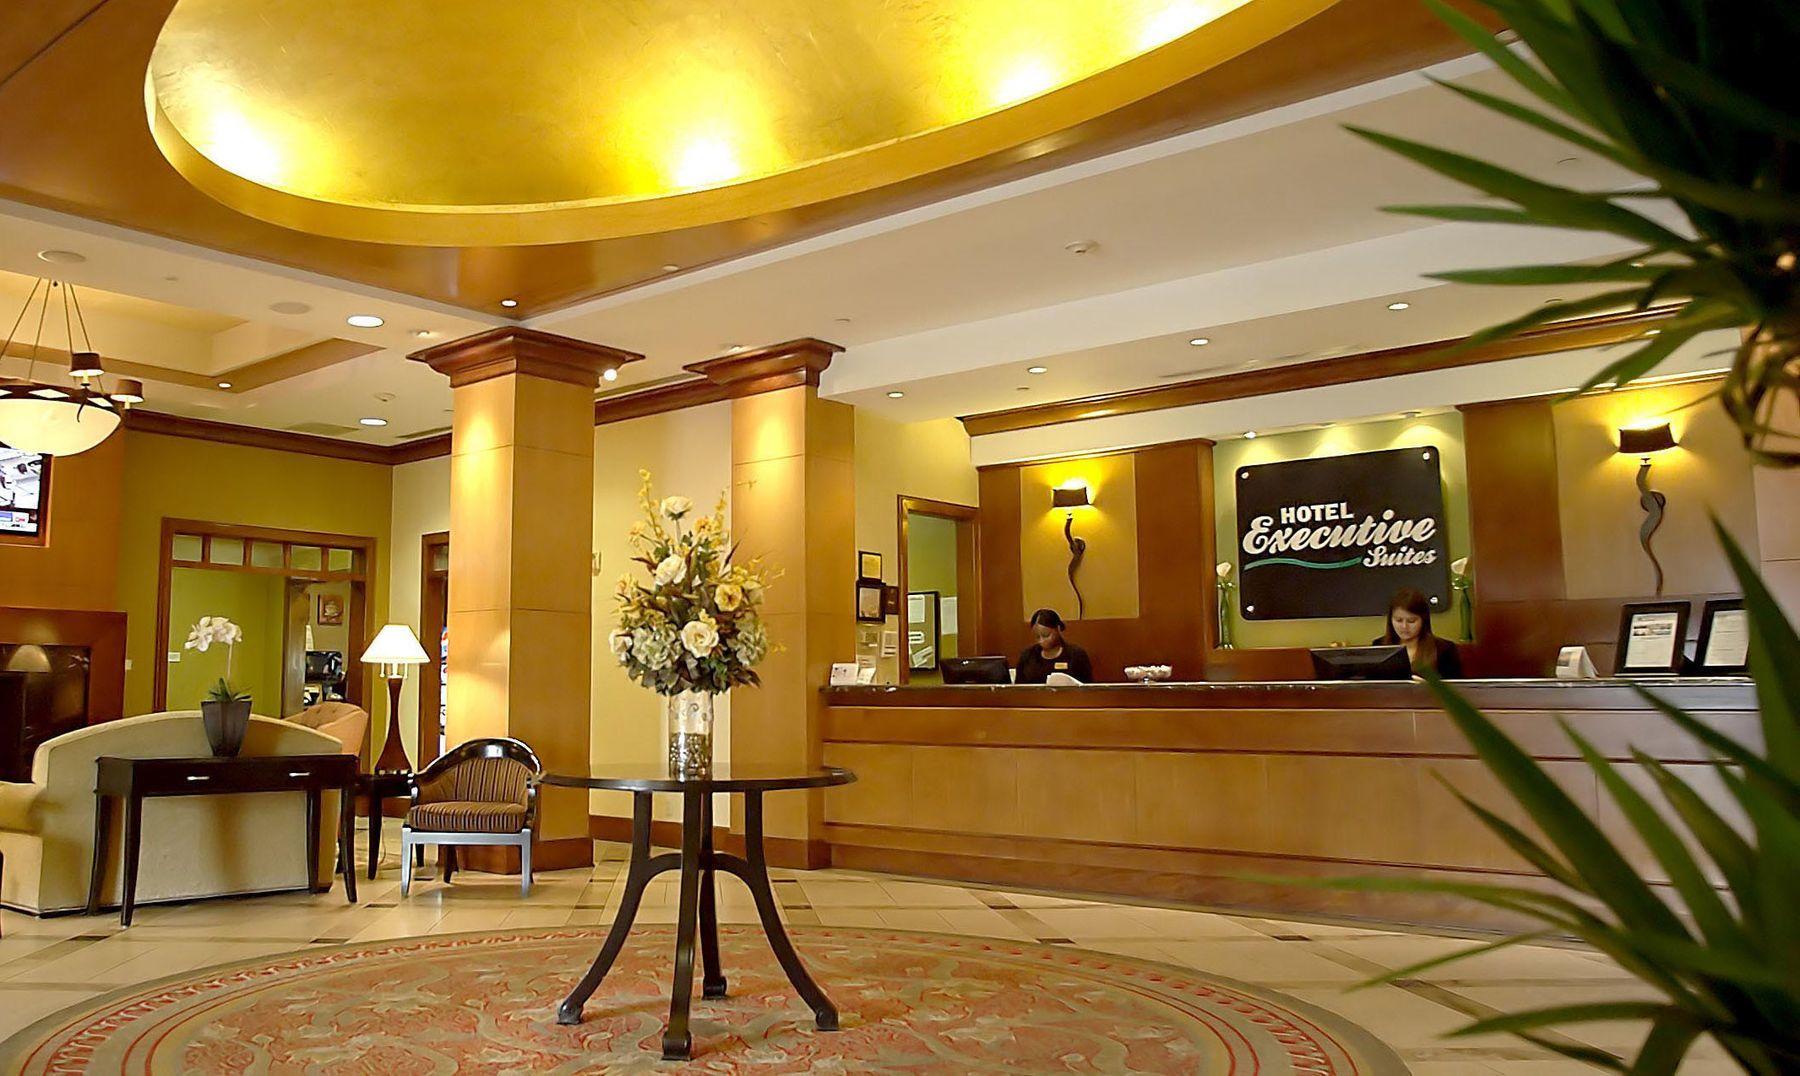 Hotel Executive Suites Front Desk